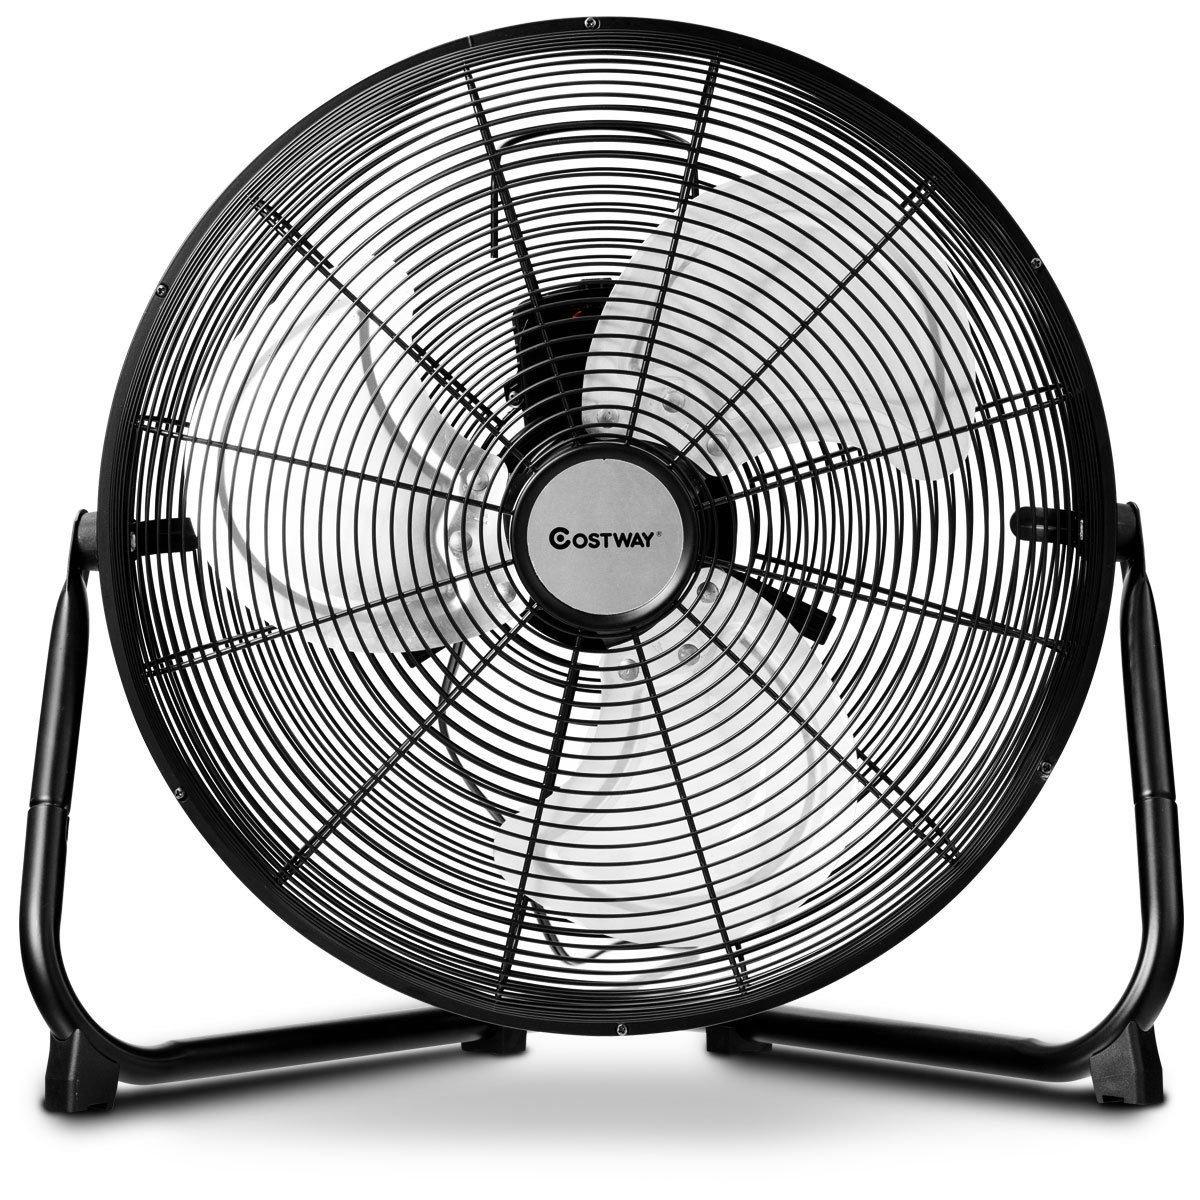 COSTWAY High Velocity Fan 16-Inch 3-Speed Metal Commercial Industrial Grade 360° Floor Fan, Black